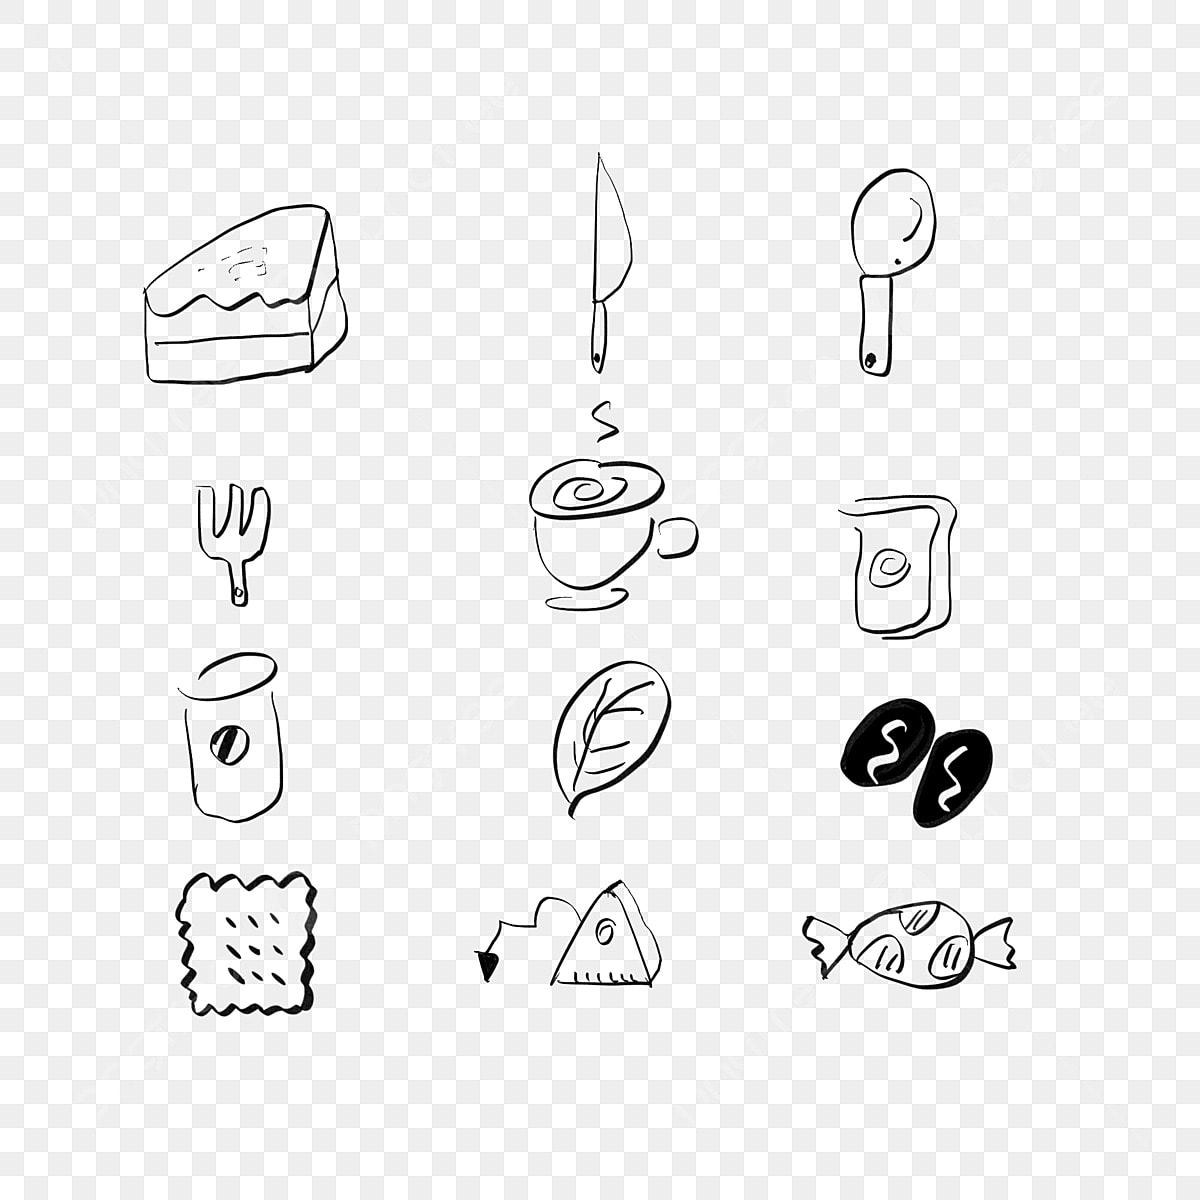 Gambar Kedai Kopi Hitam Putih Tokoh Kayu Kedai Kopi Pencuci Mulut Tangan Dicat Tokoh Tongkat